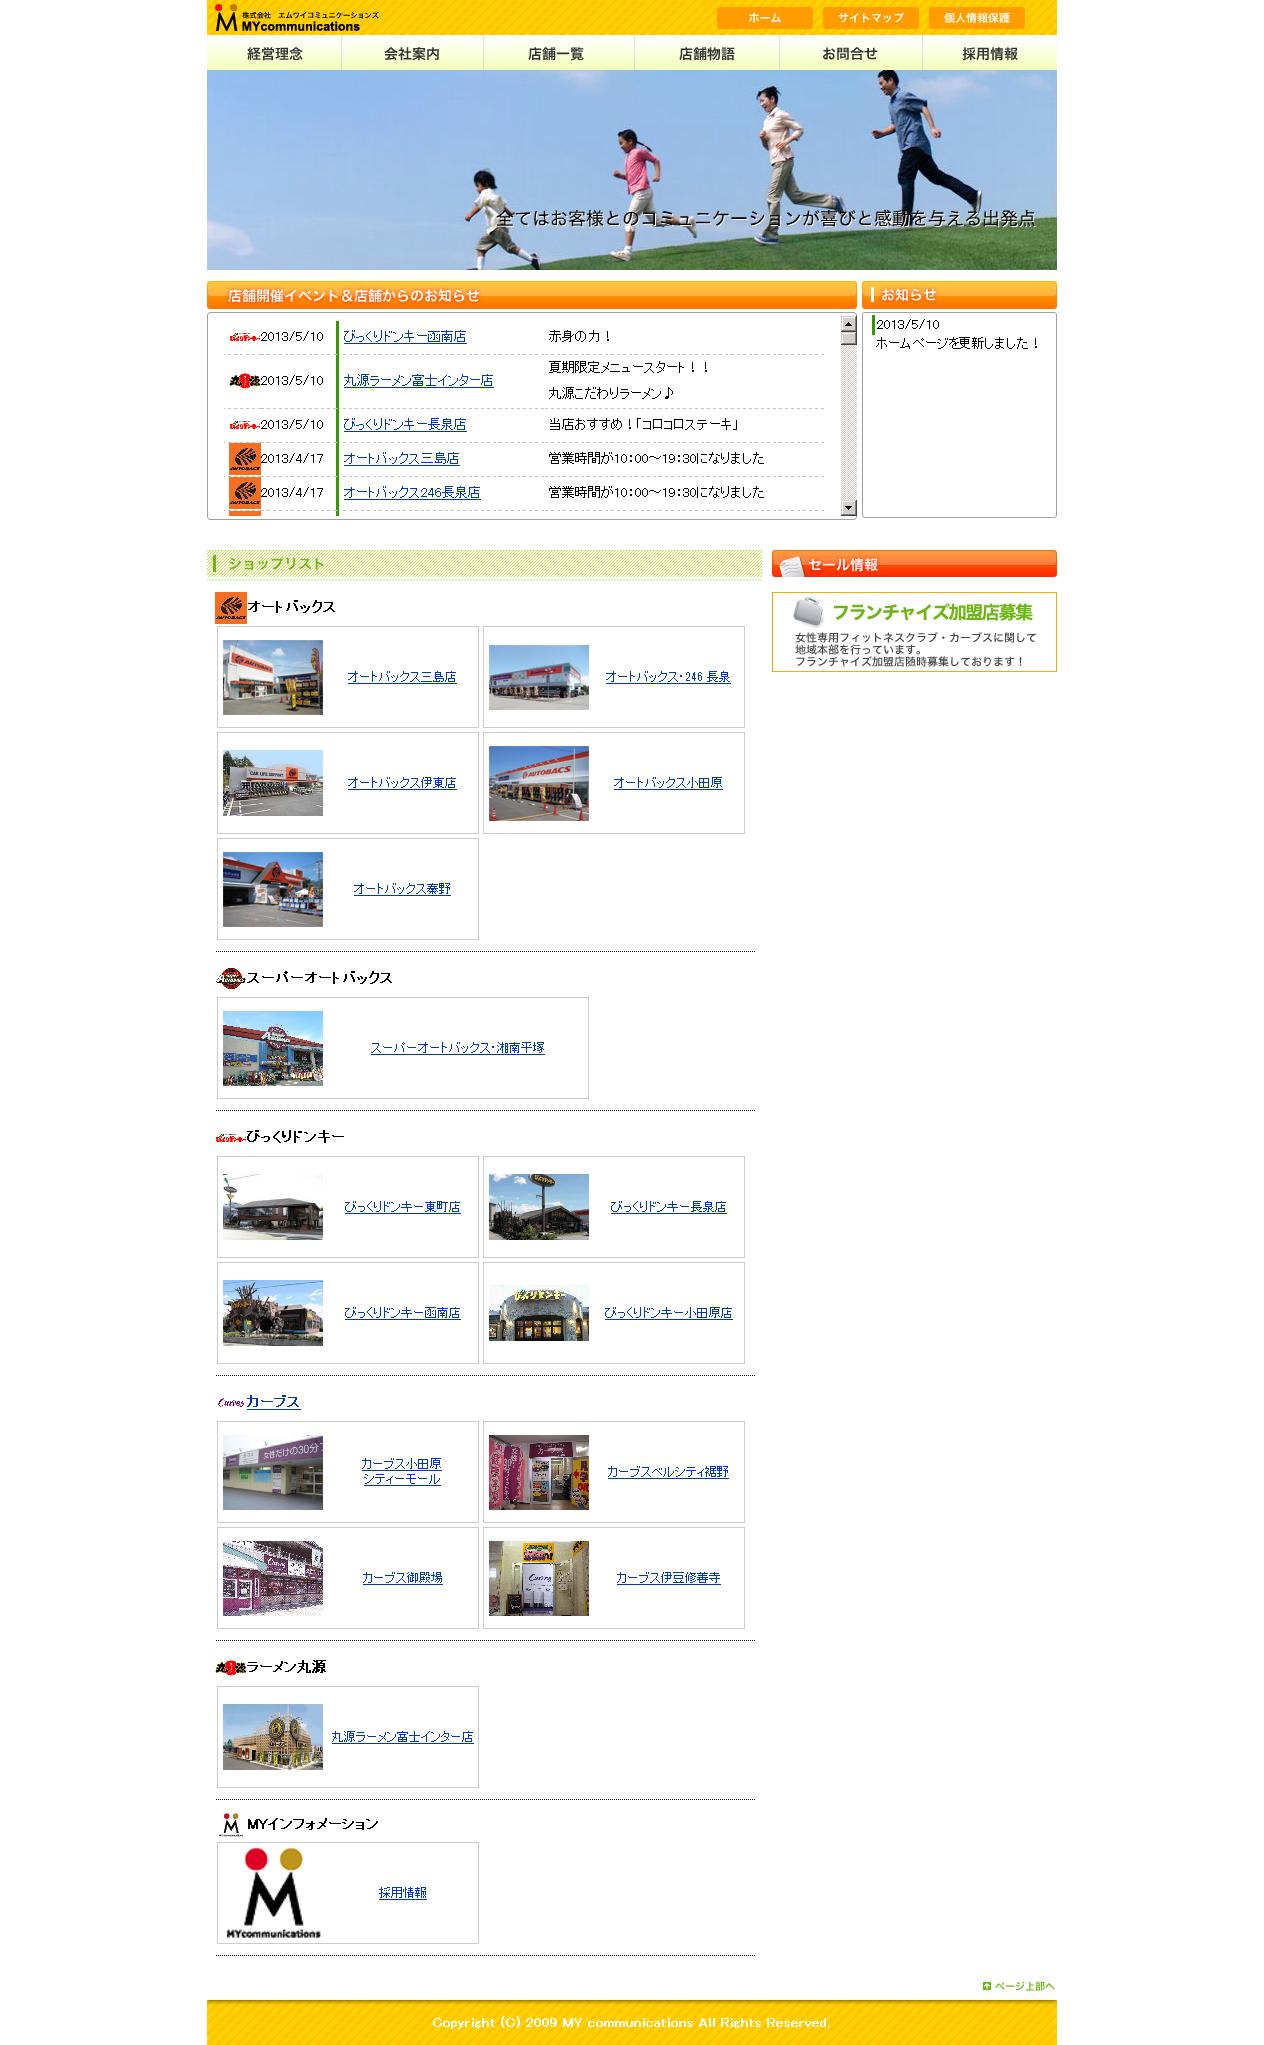 株式会社MYコミュニケーションズ様の実績イメージ